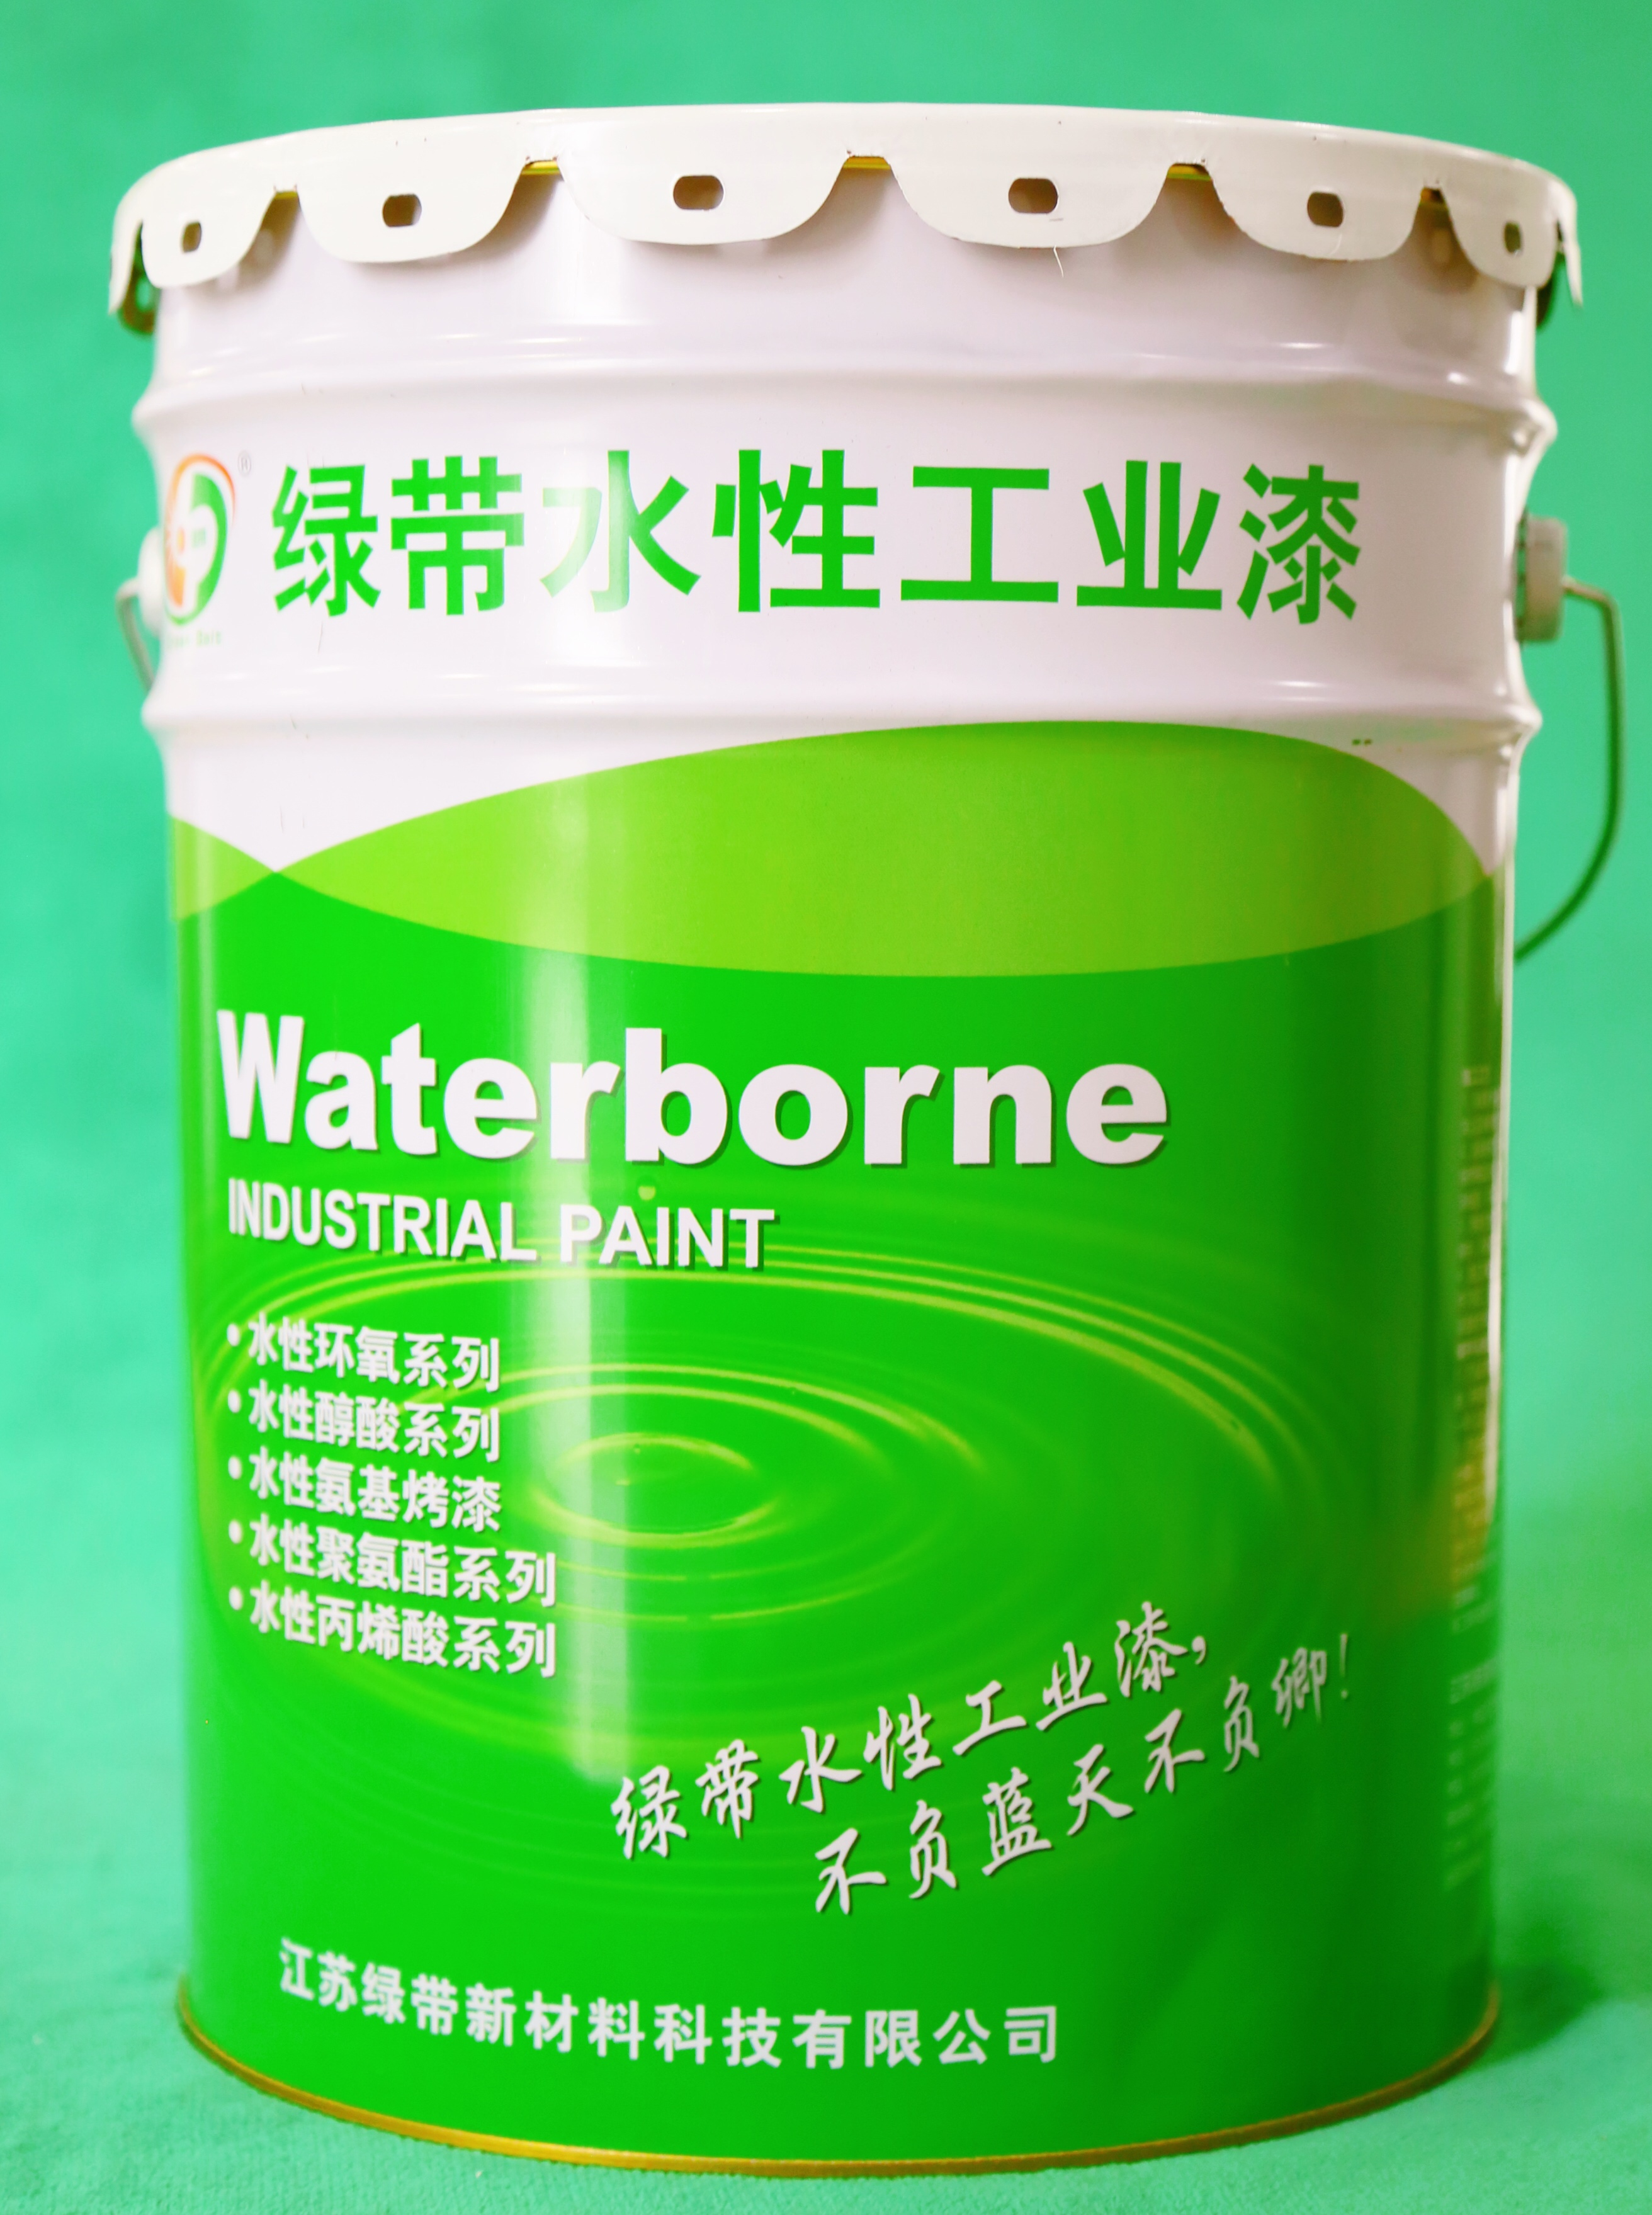 水性醇酸面漆水性醇酸面漆图片